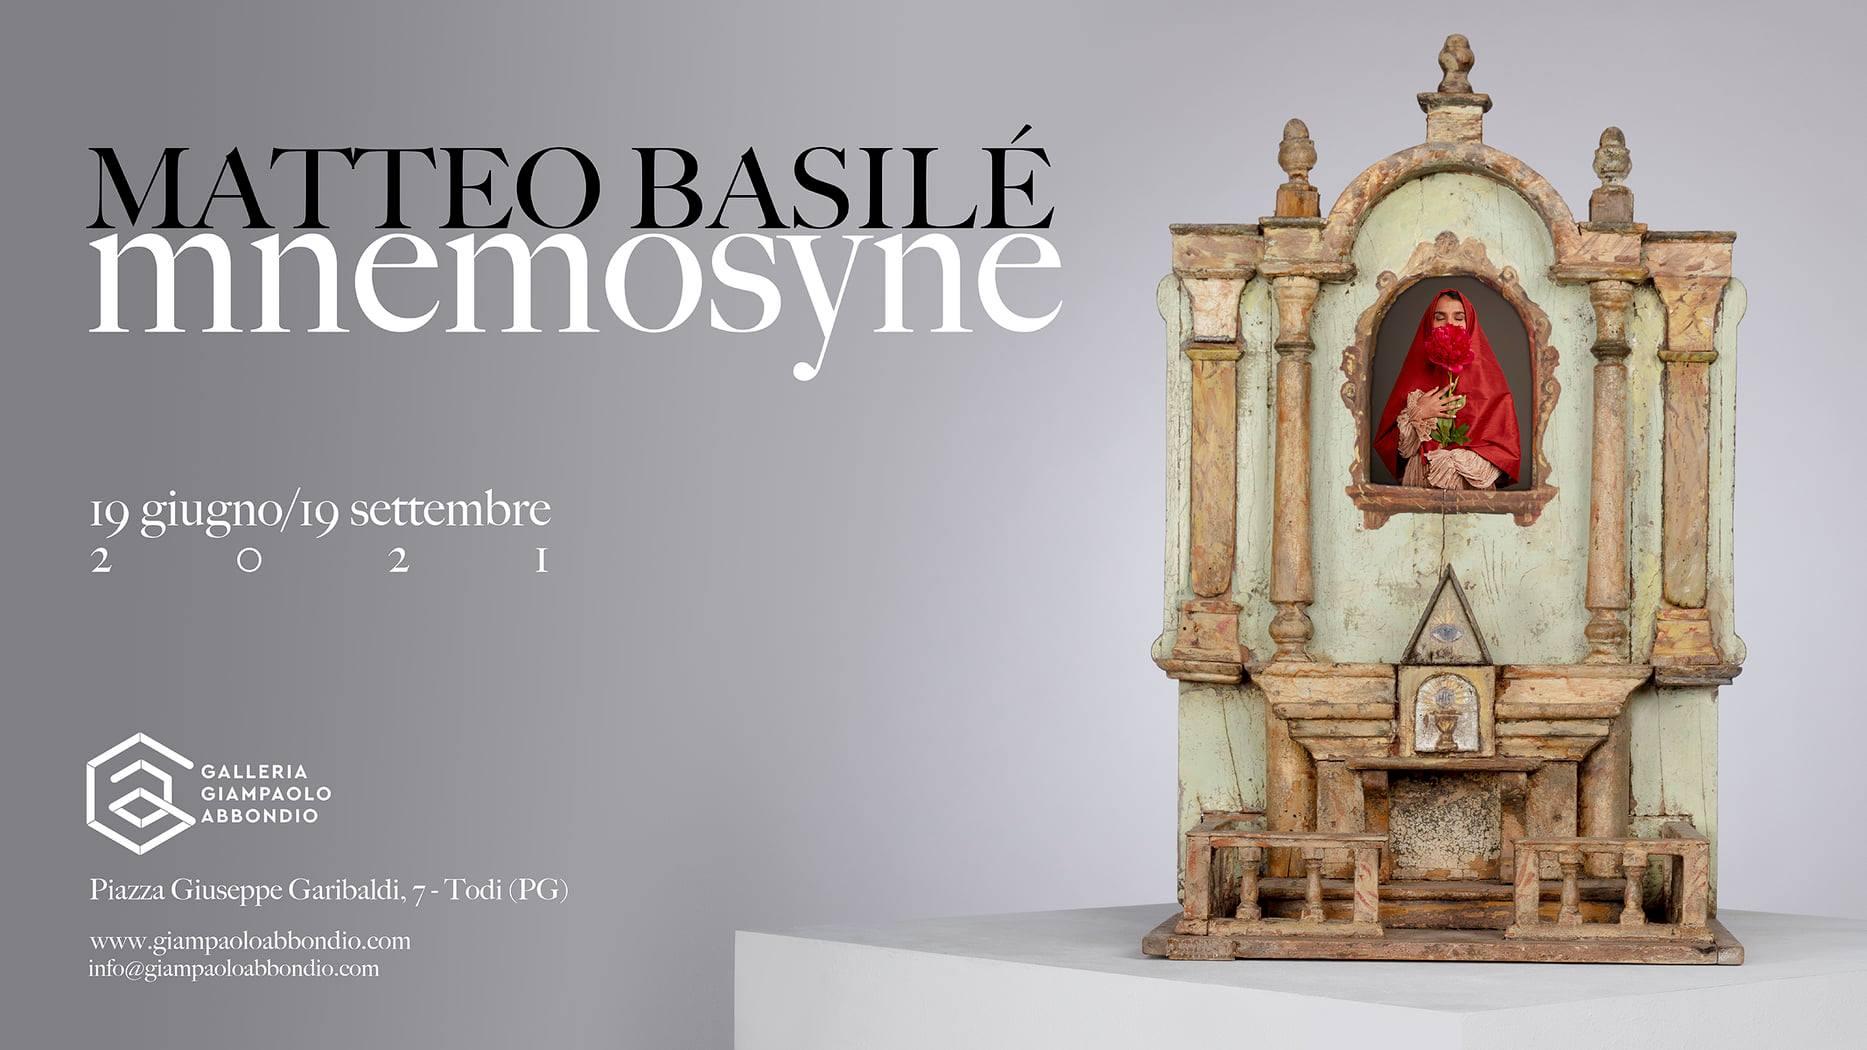 L'invito all'opening della nuova Galleria Giampaolo Abbondio